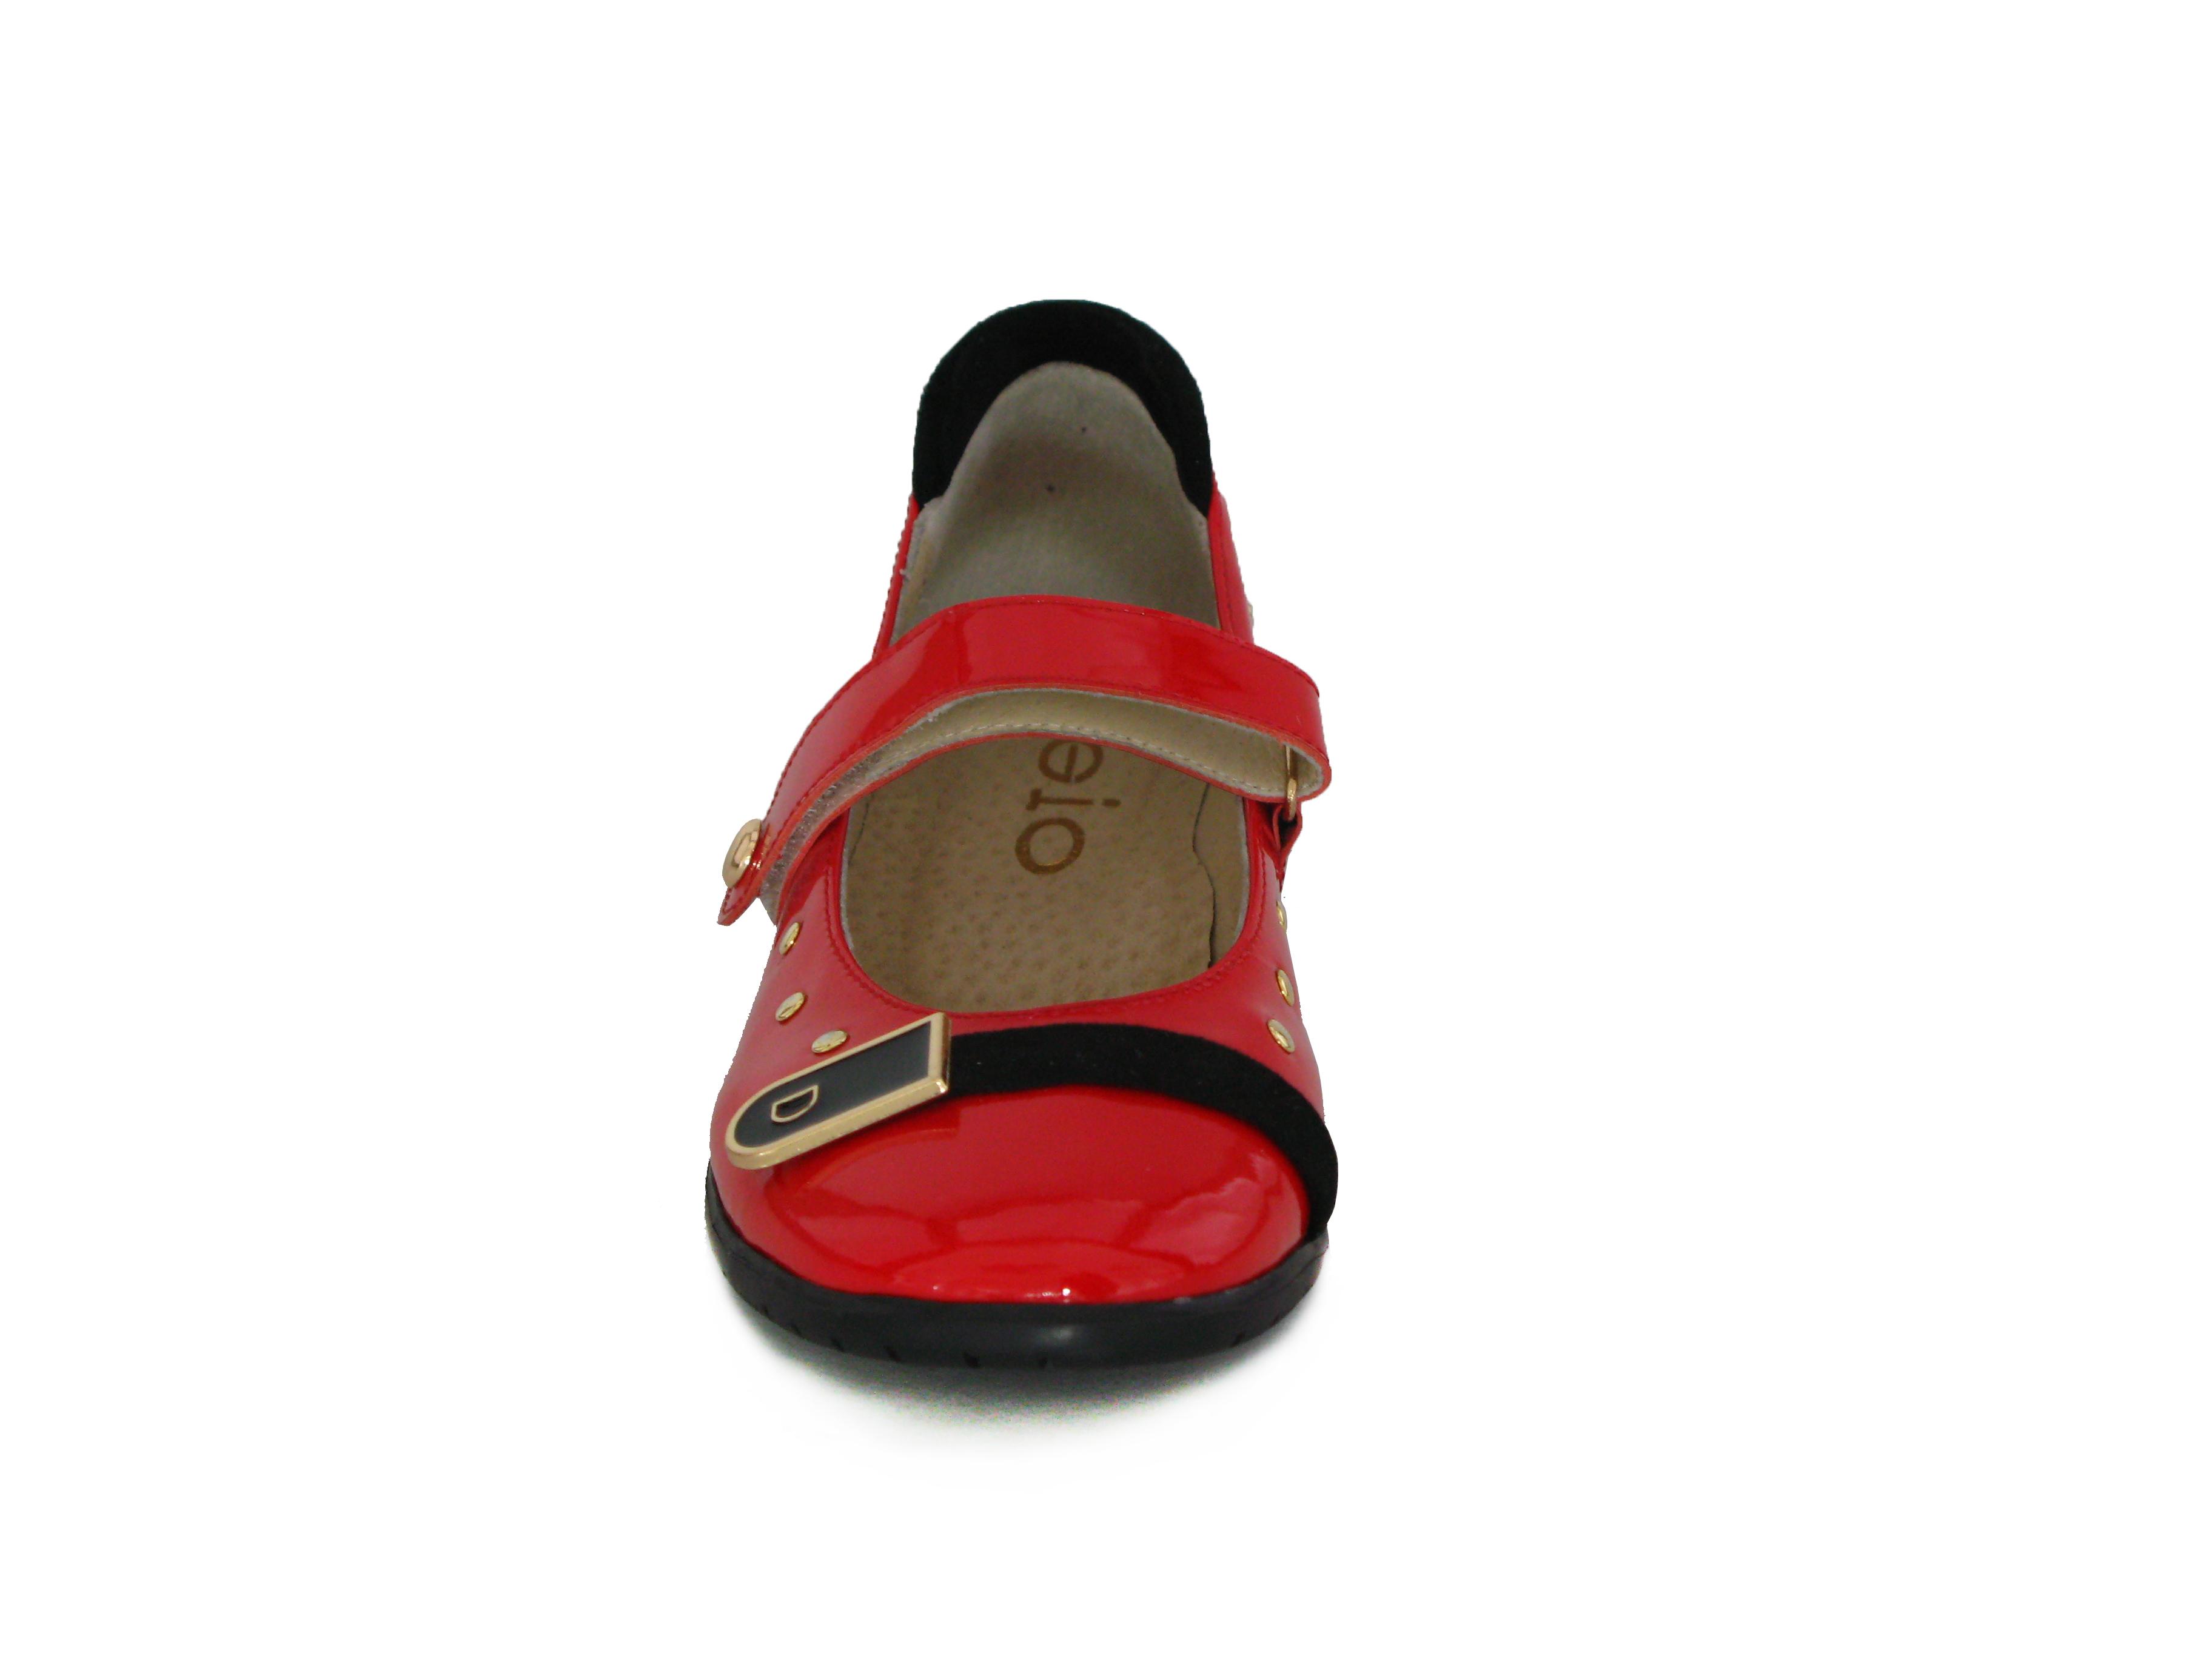 097cbb3dc9cf83 Туфлі дитячі від Giorgio Vito купити у роздріб. loading... Наведіть курсор,  щоб збільшити. Всі фото